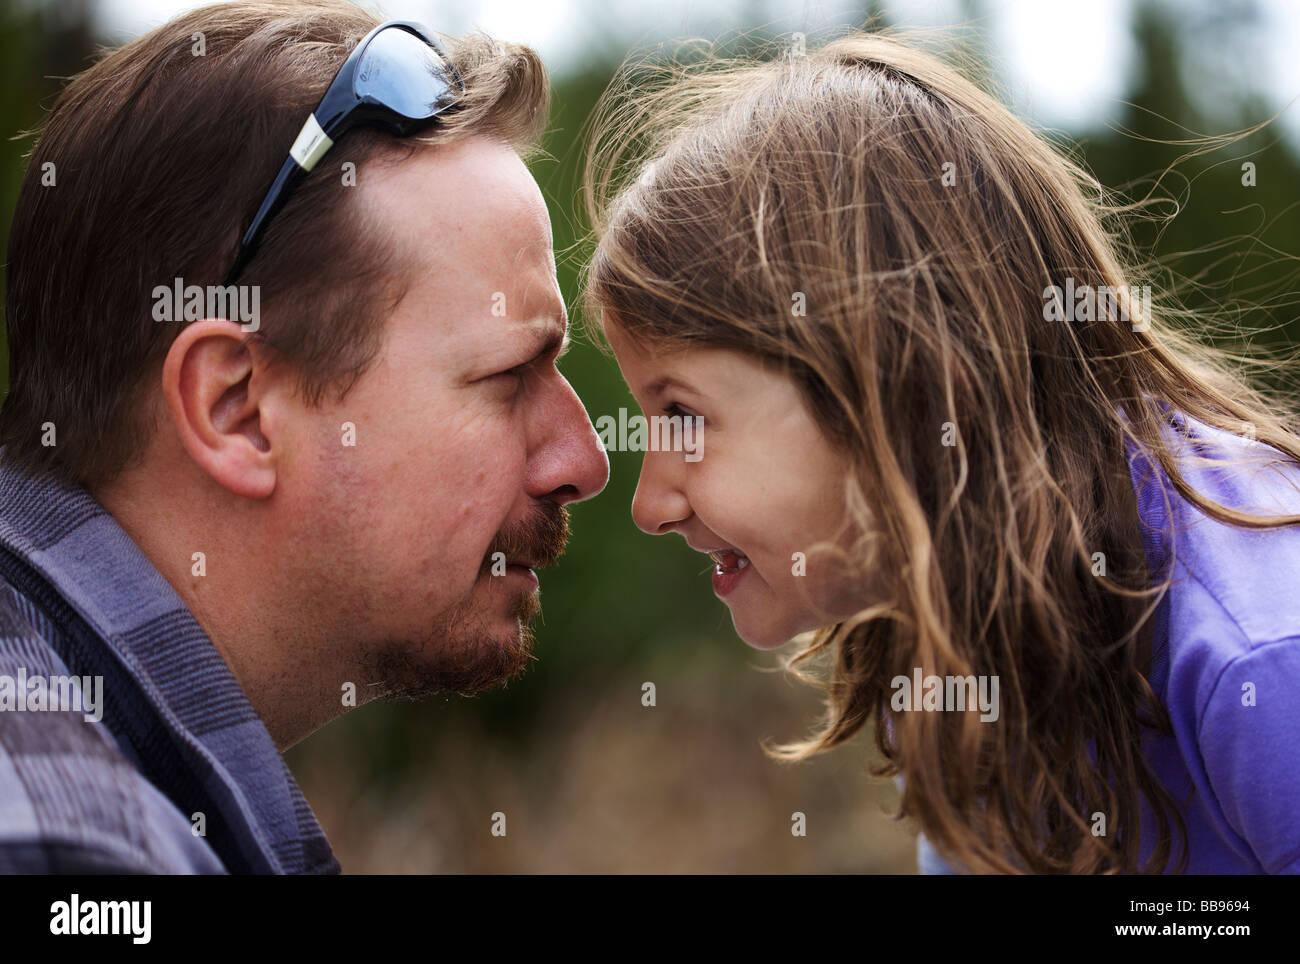 Felice giovane bambina protagonista di ogni altro scherzosamente con suo padre Immagini Stock